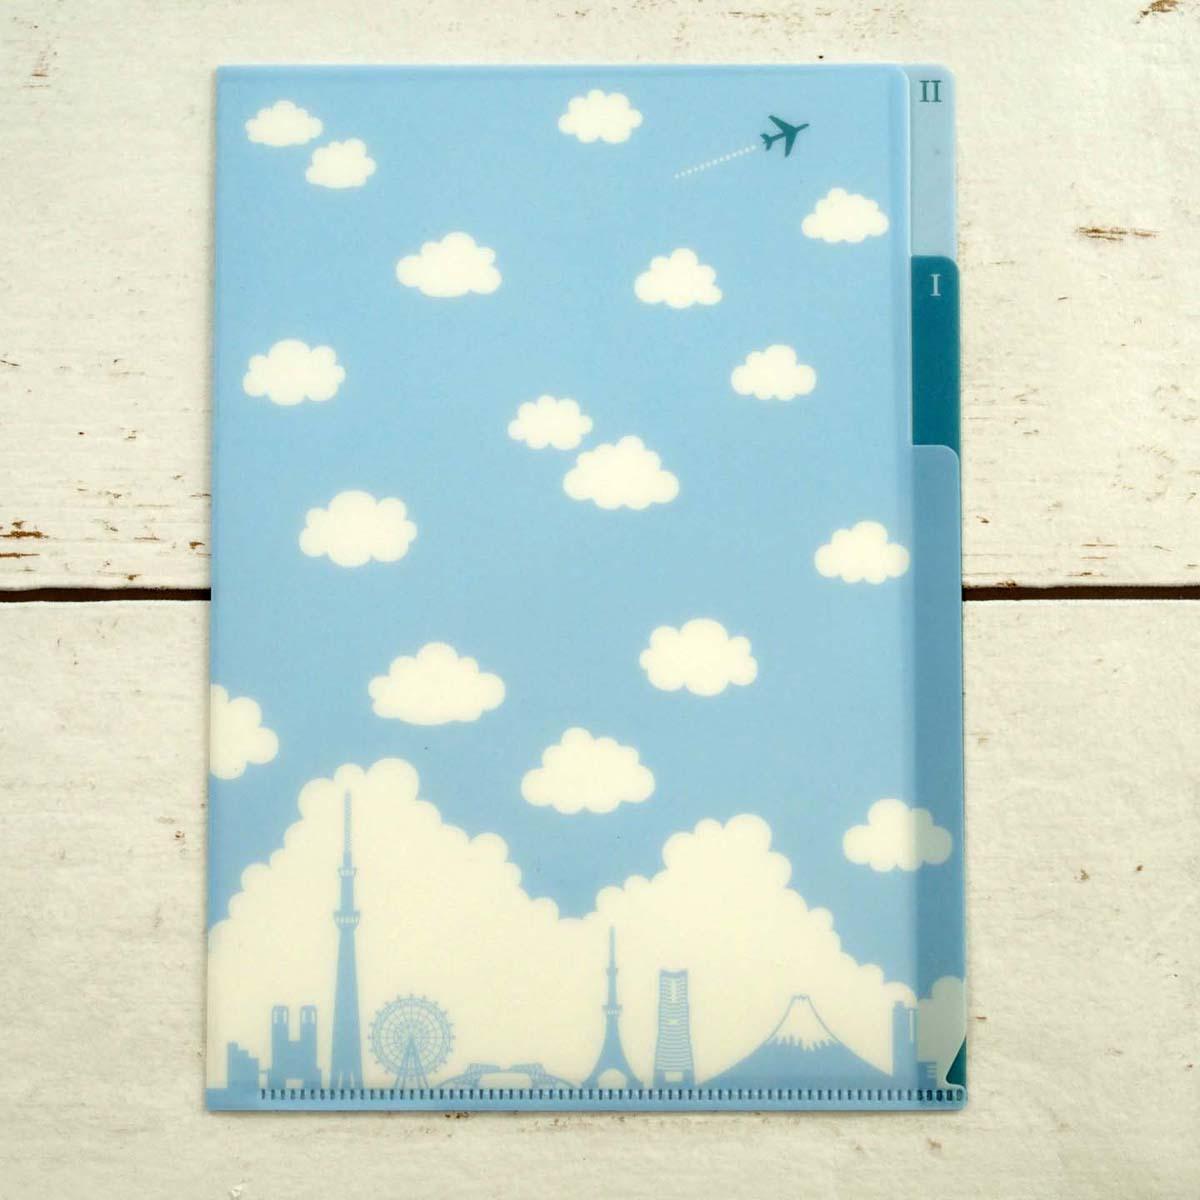 評判 かわいい雲のクリアフォルダーでオシャレに書類の整理 クリア